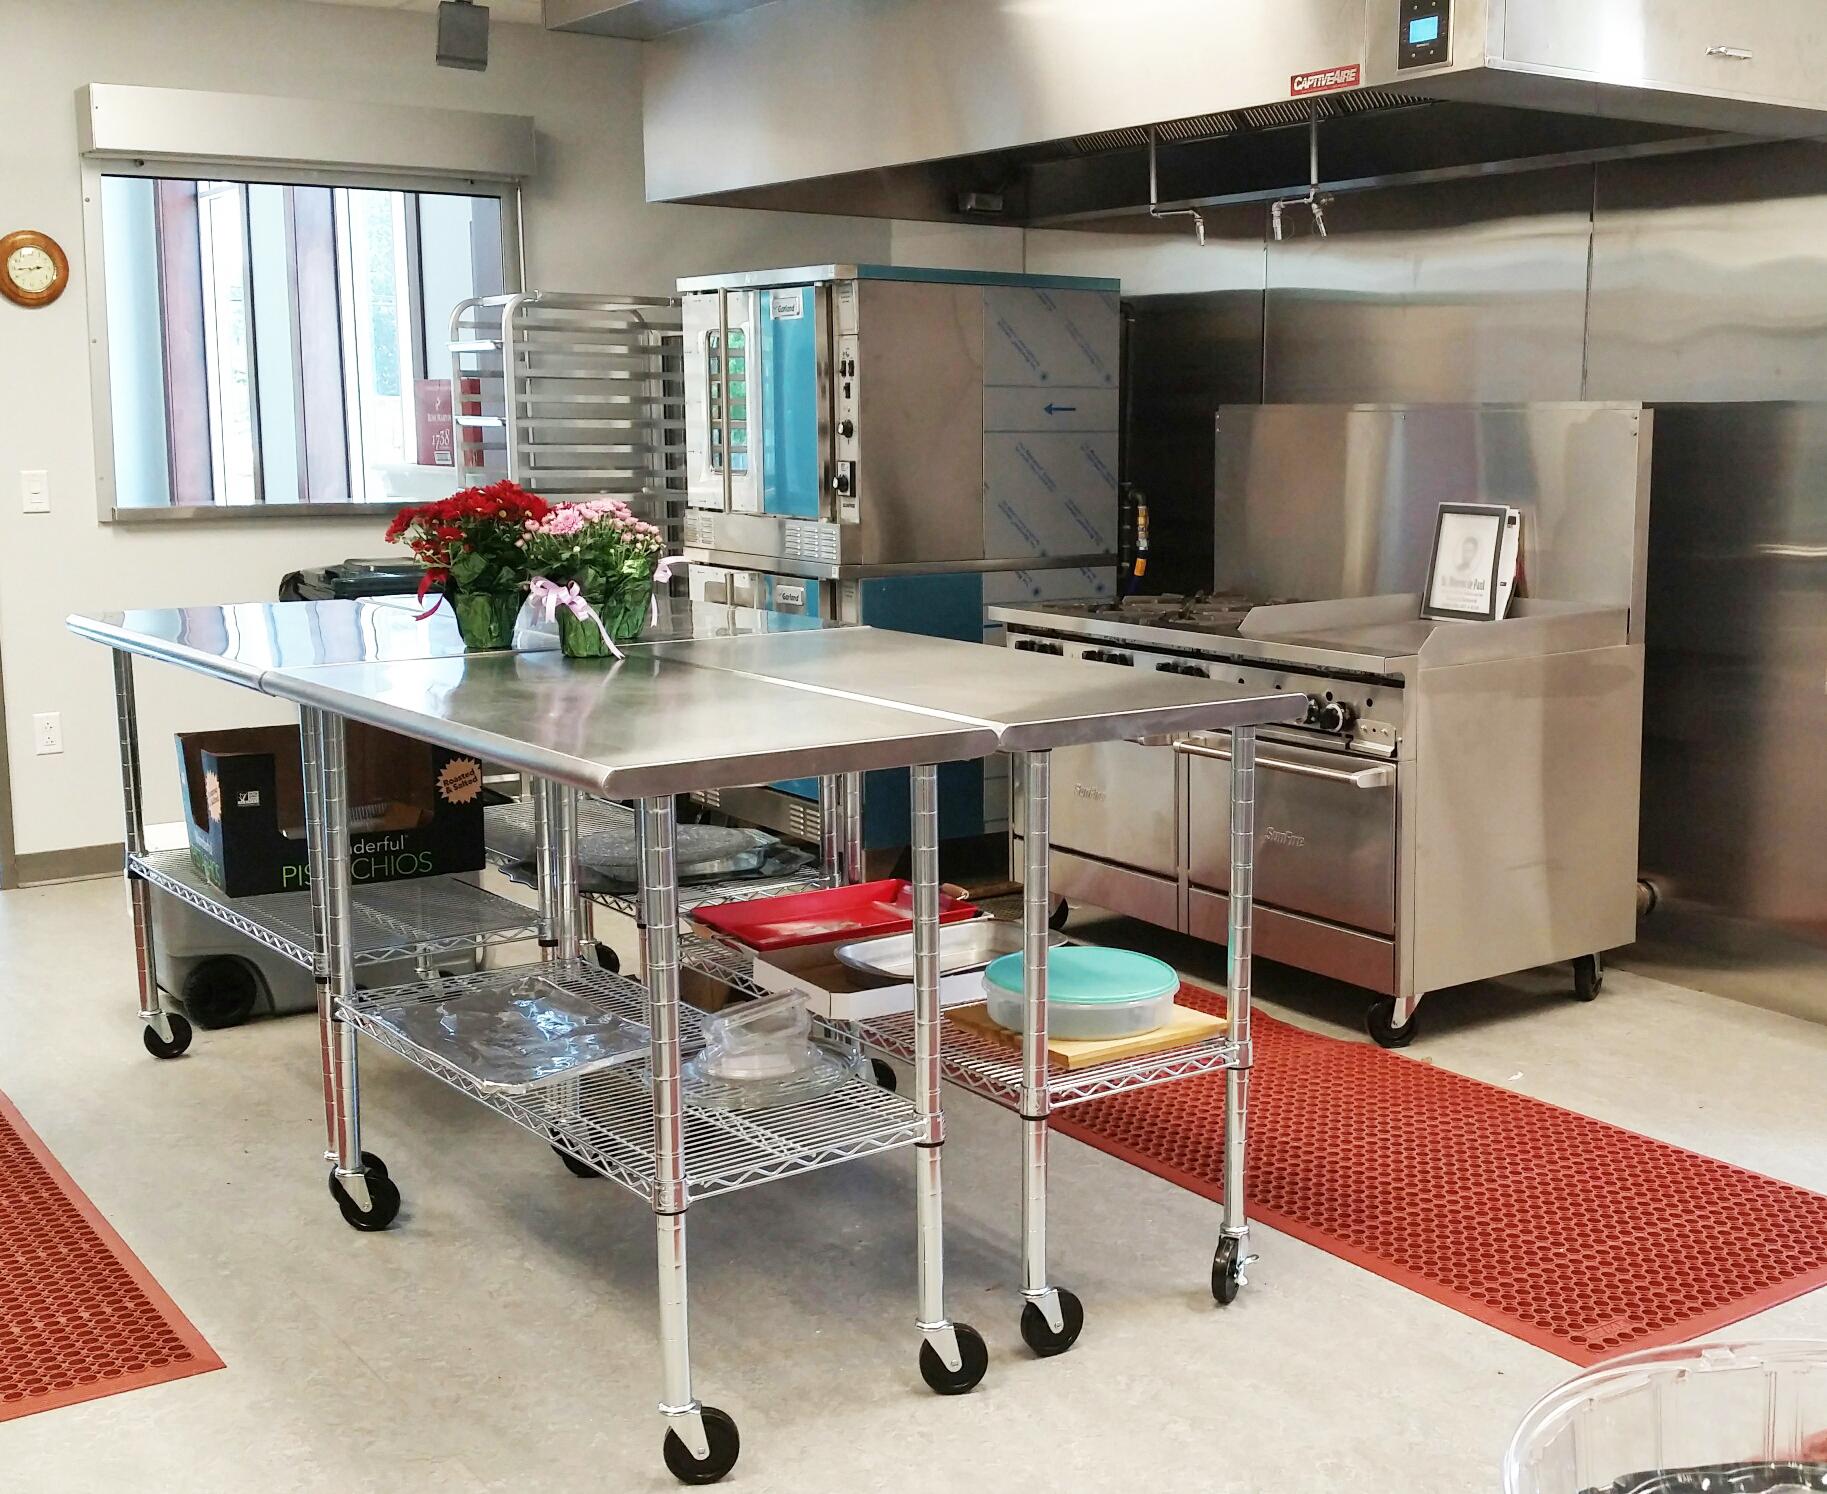 Kitchen_cropped.jpg